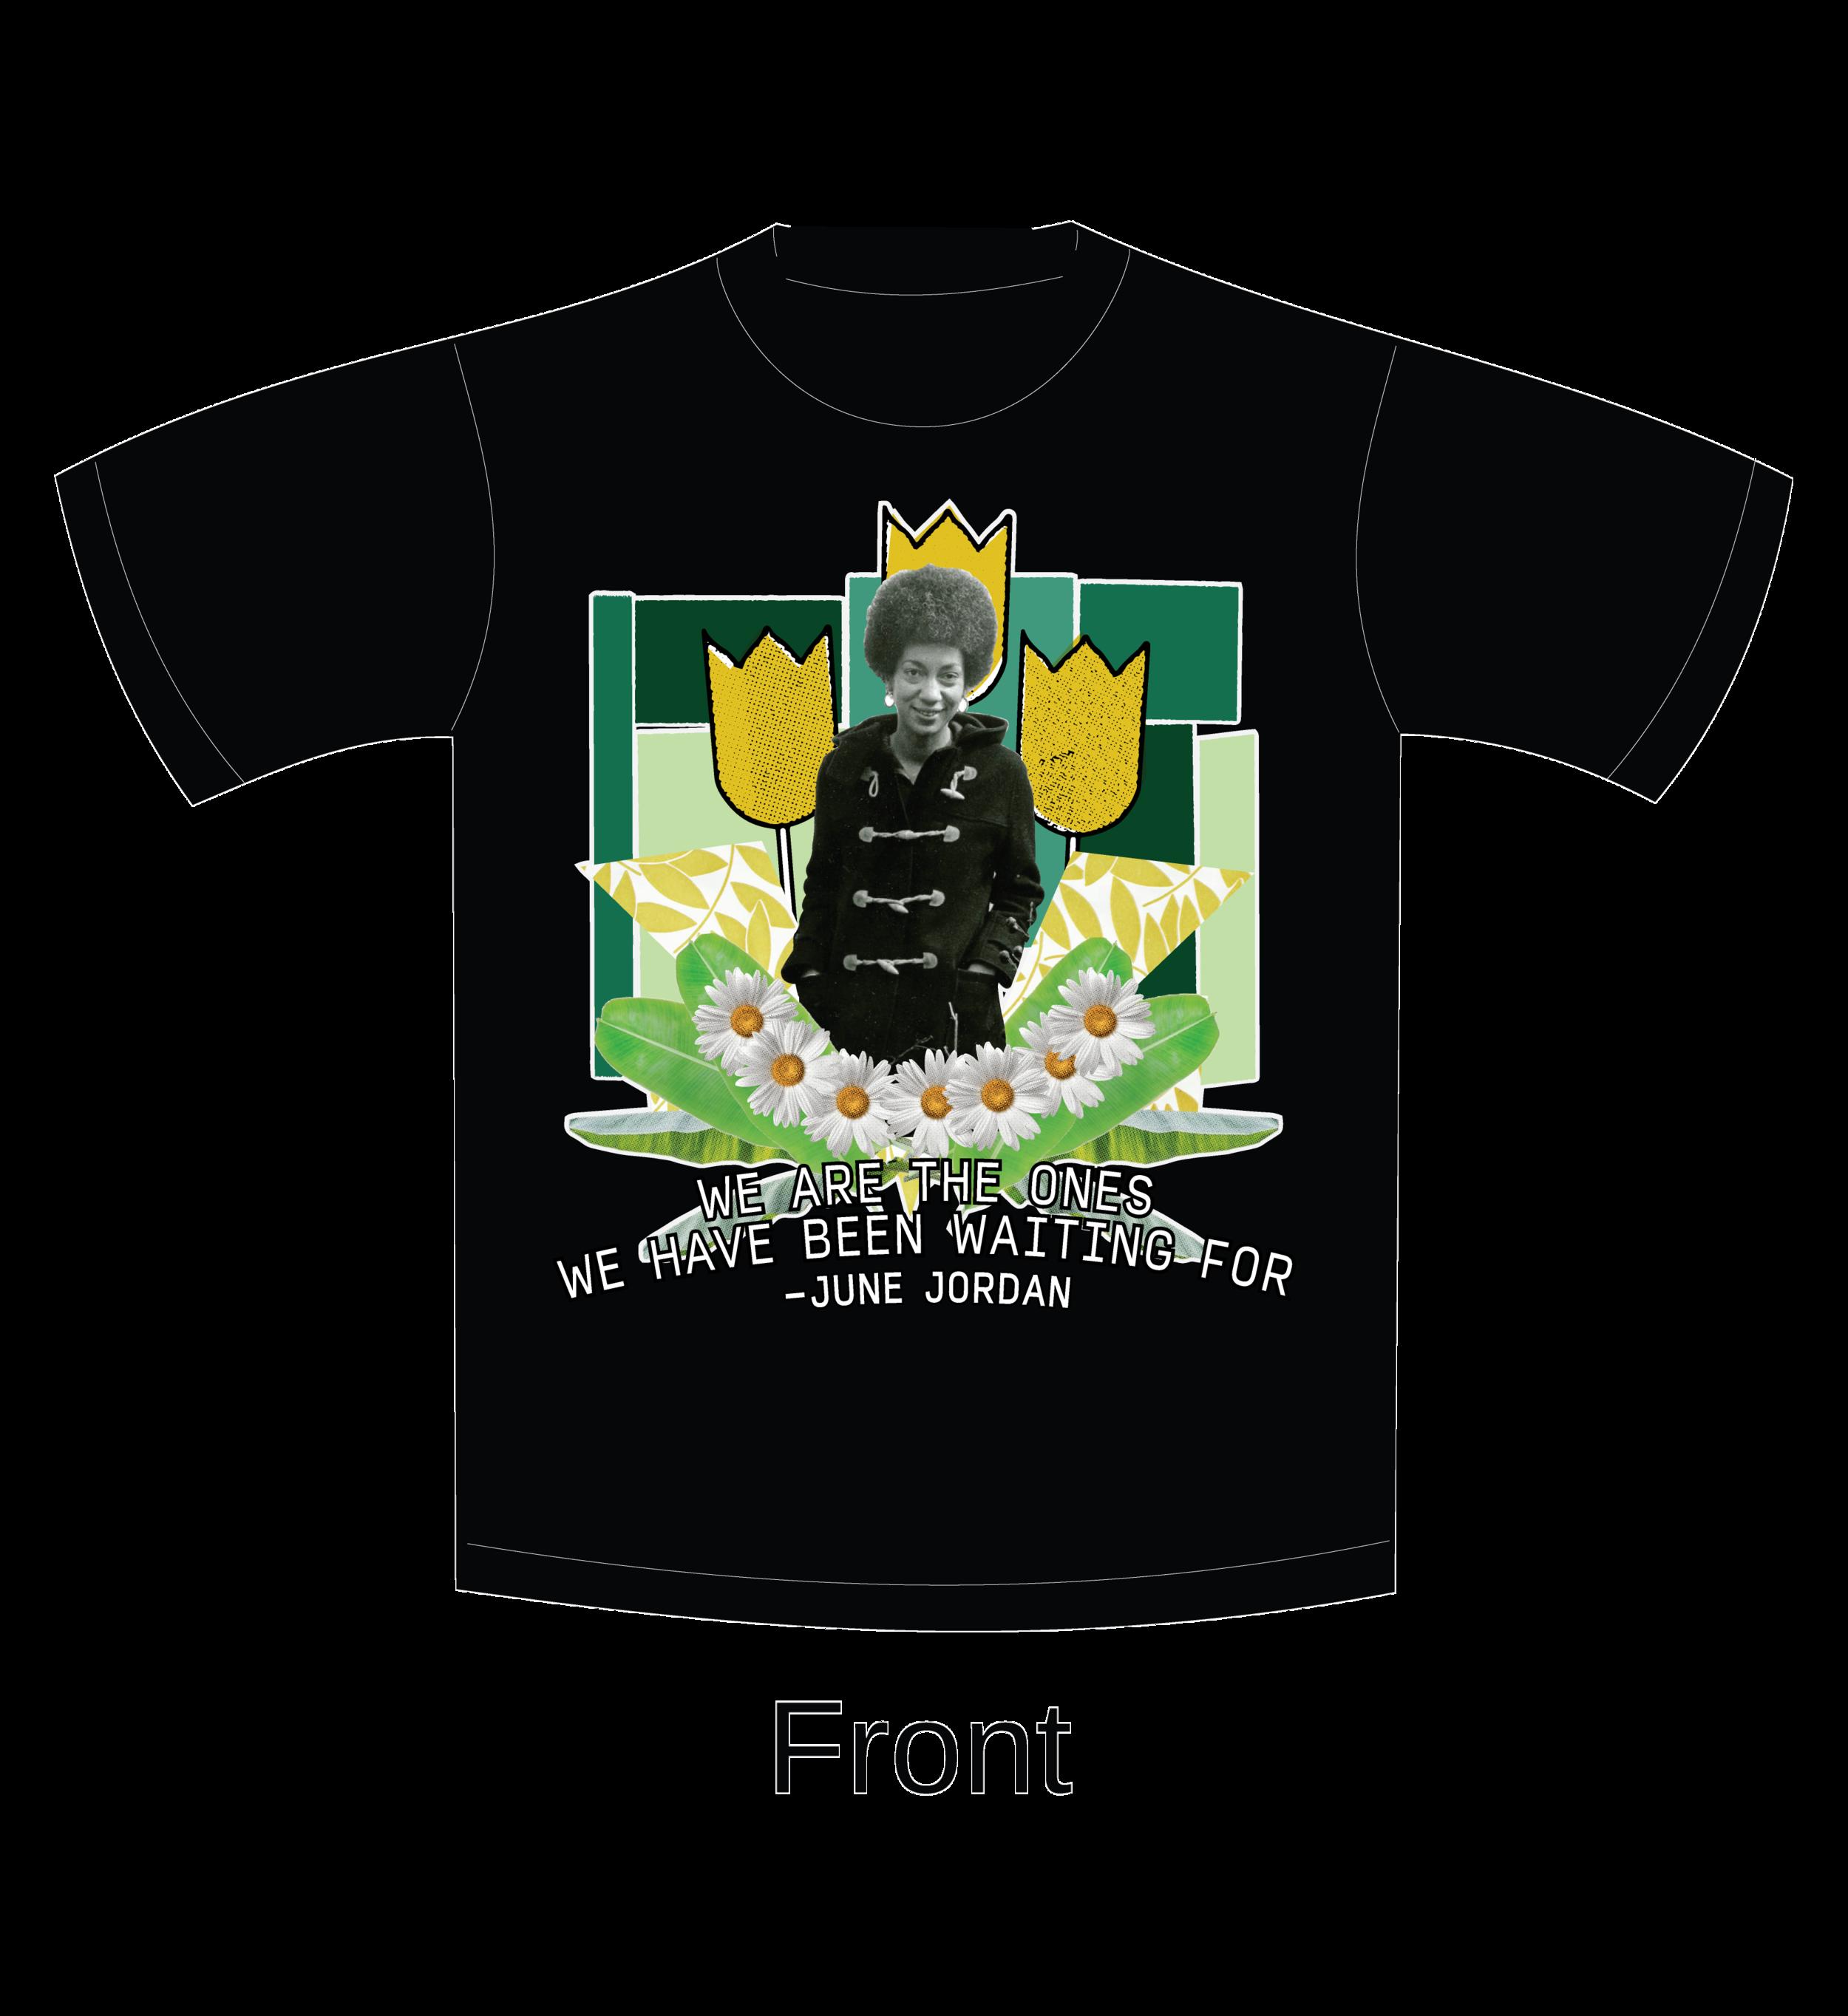 Kairos-June-Jordan-Shirt-Front-03.png